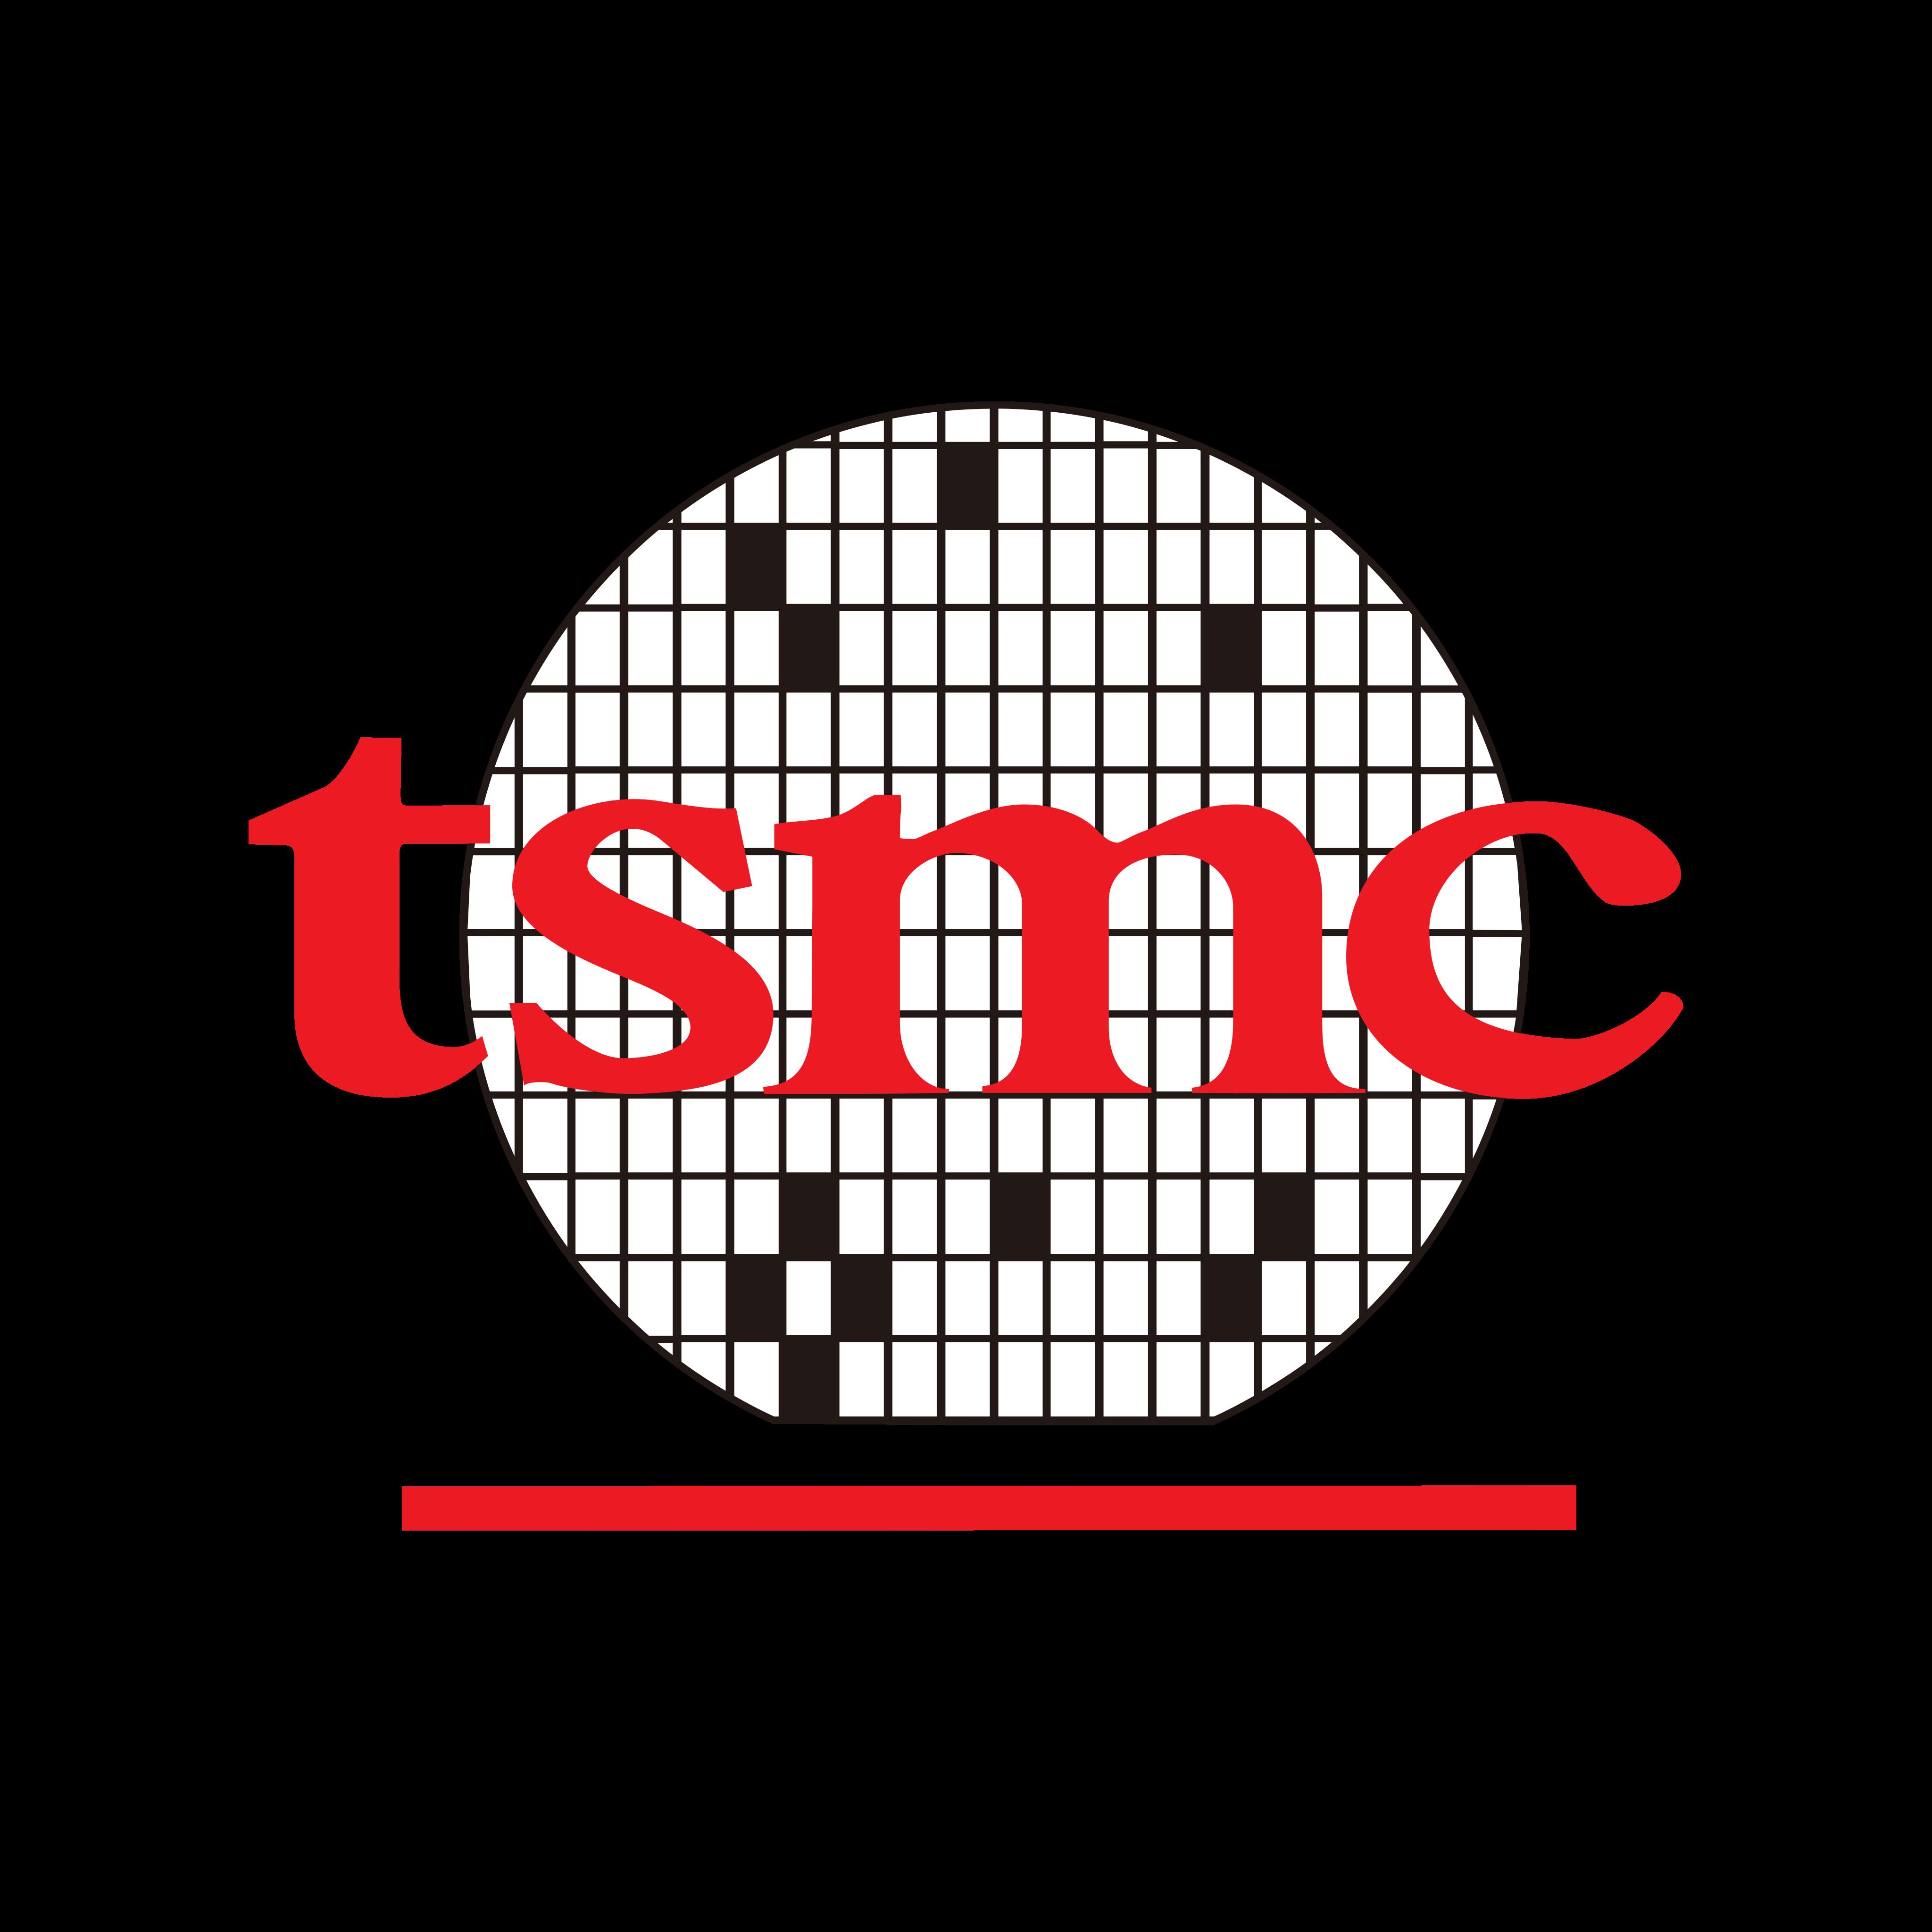 tsmc logo 0 - TSMC Logo